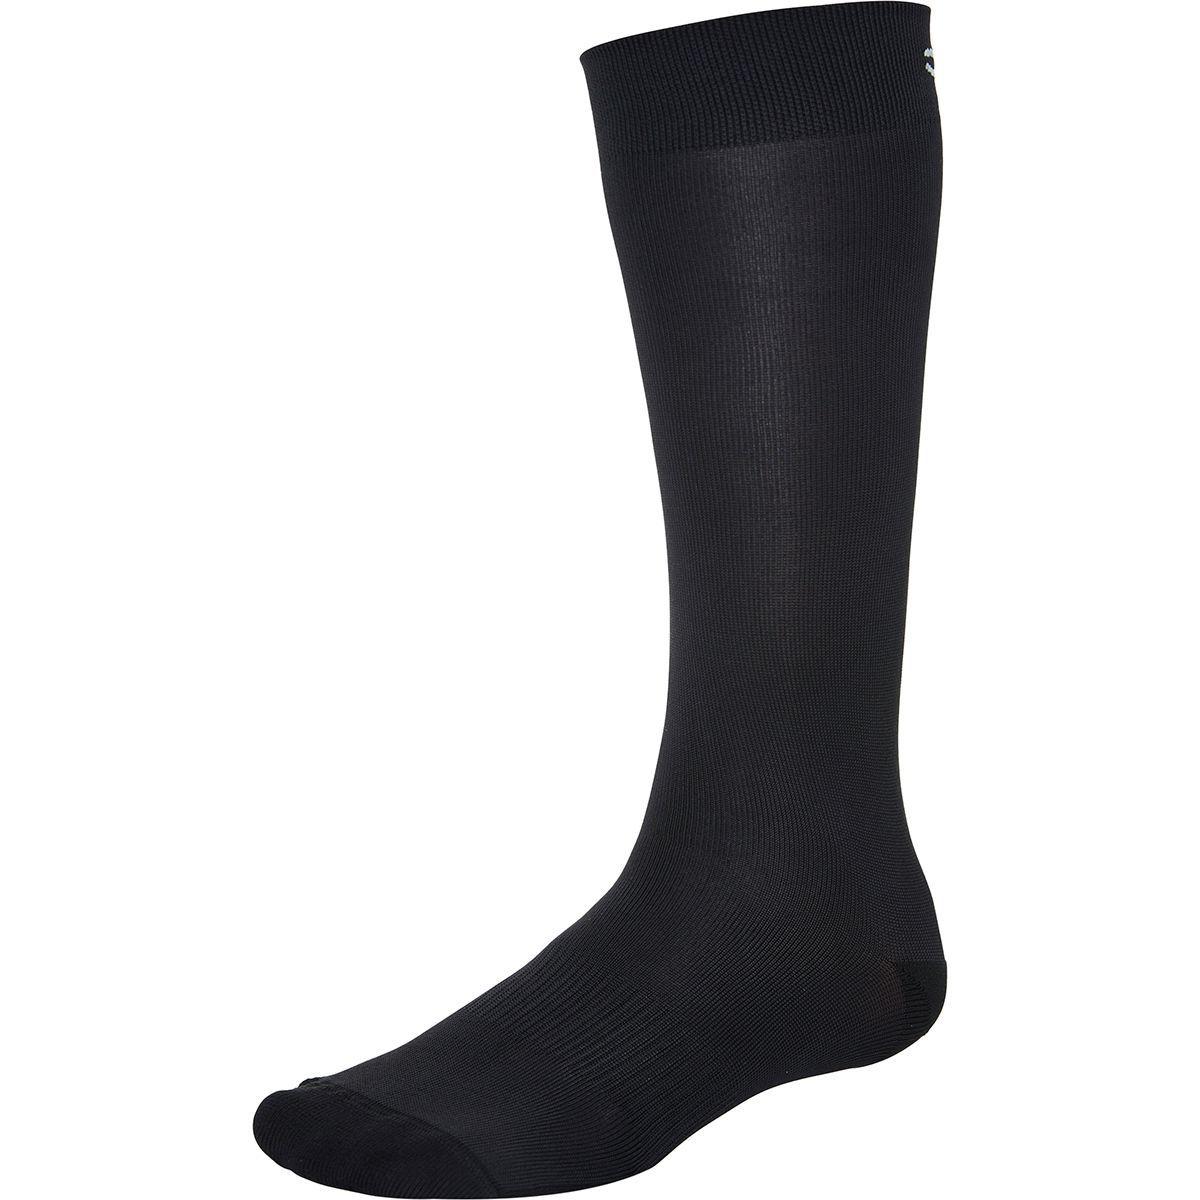 POC Essential Full Length Sock - Women's